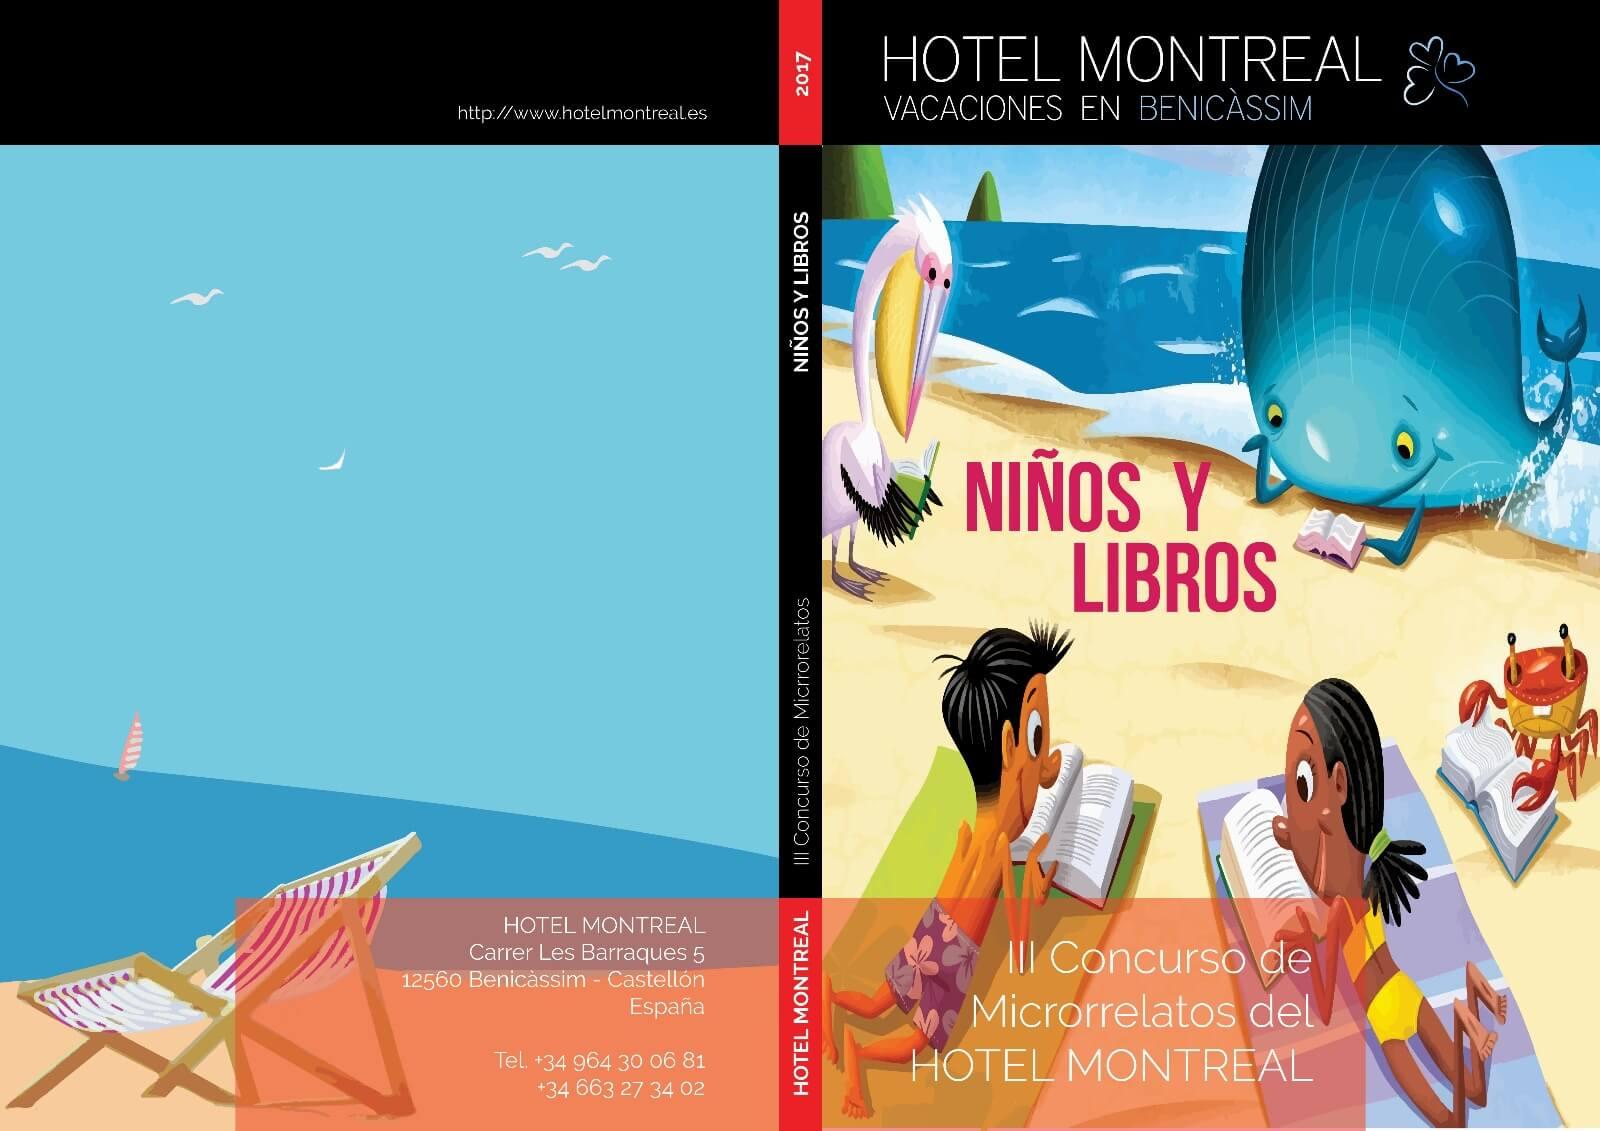 EL LIBRO DEL III CONCURSO DE MICRORRELATOS HOTEL MONTREAL